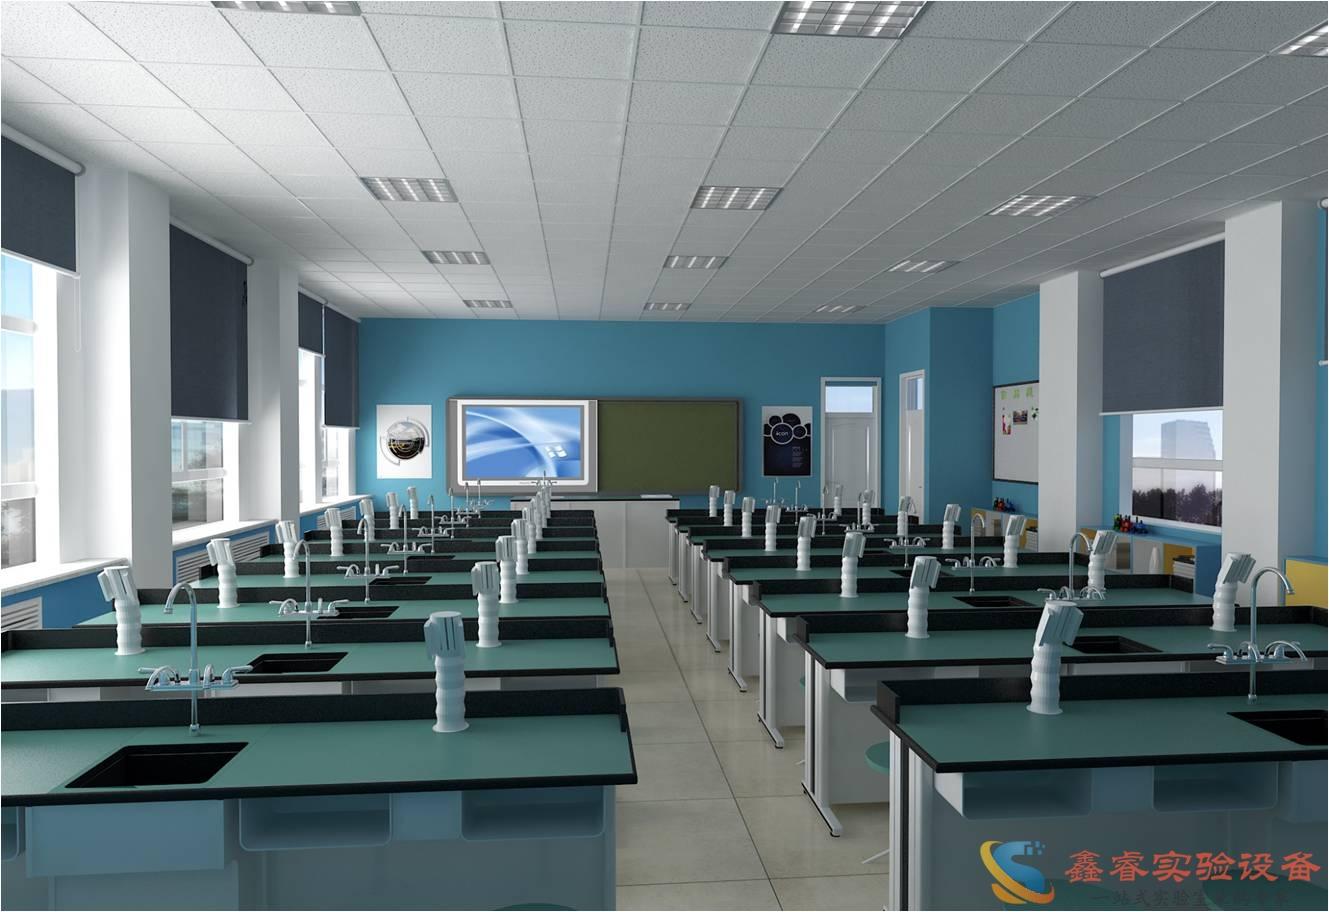 学校化学实验室设计装修注意事项SR7024